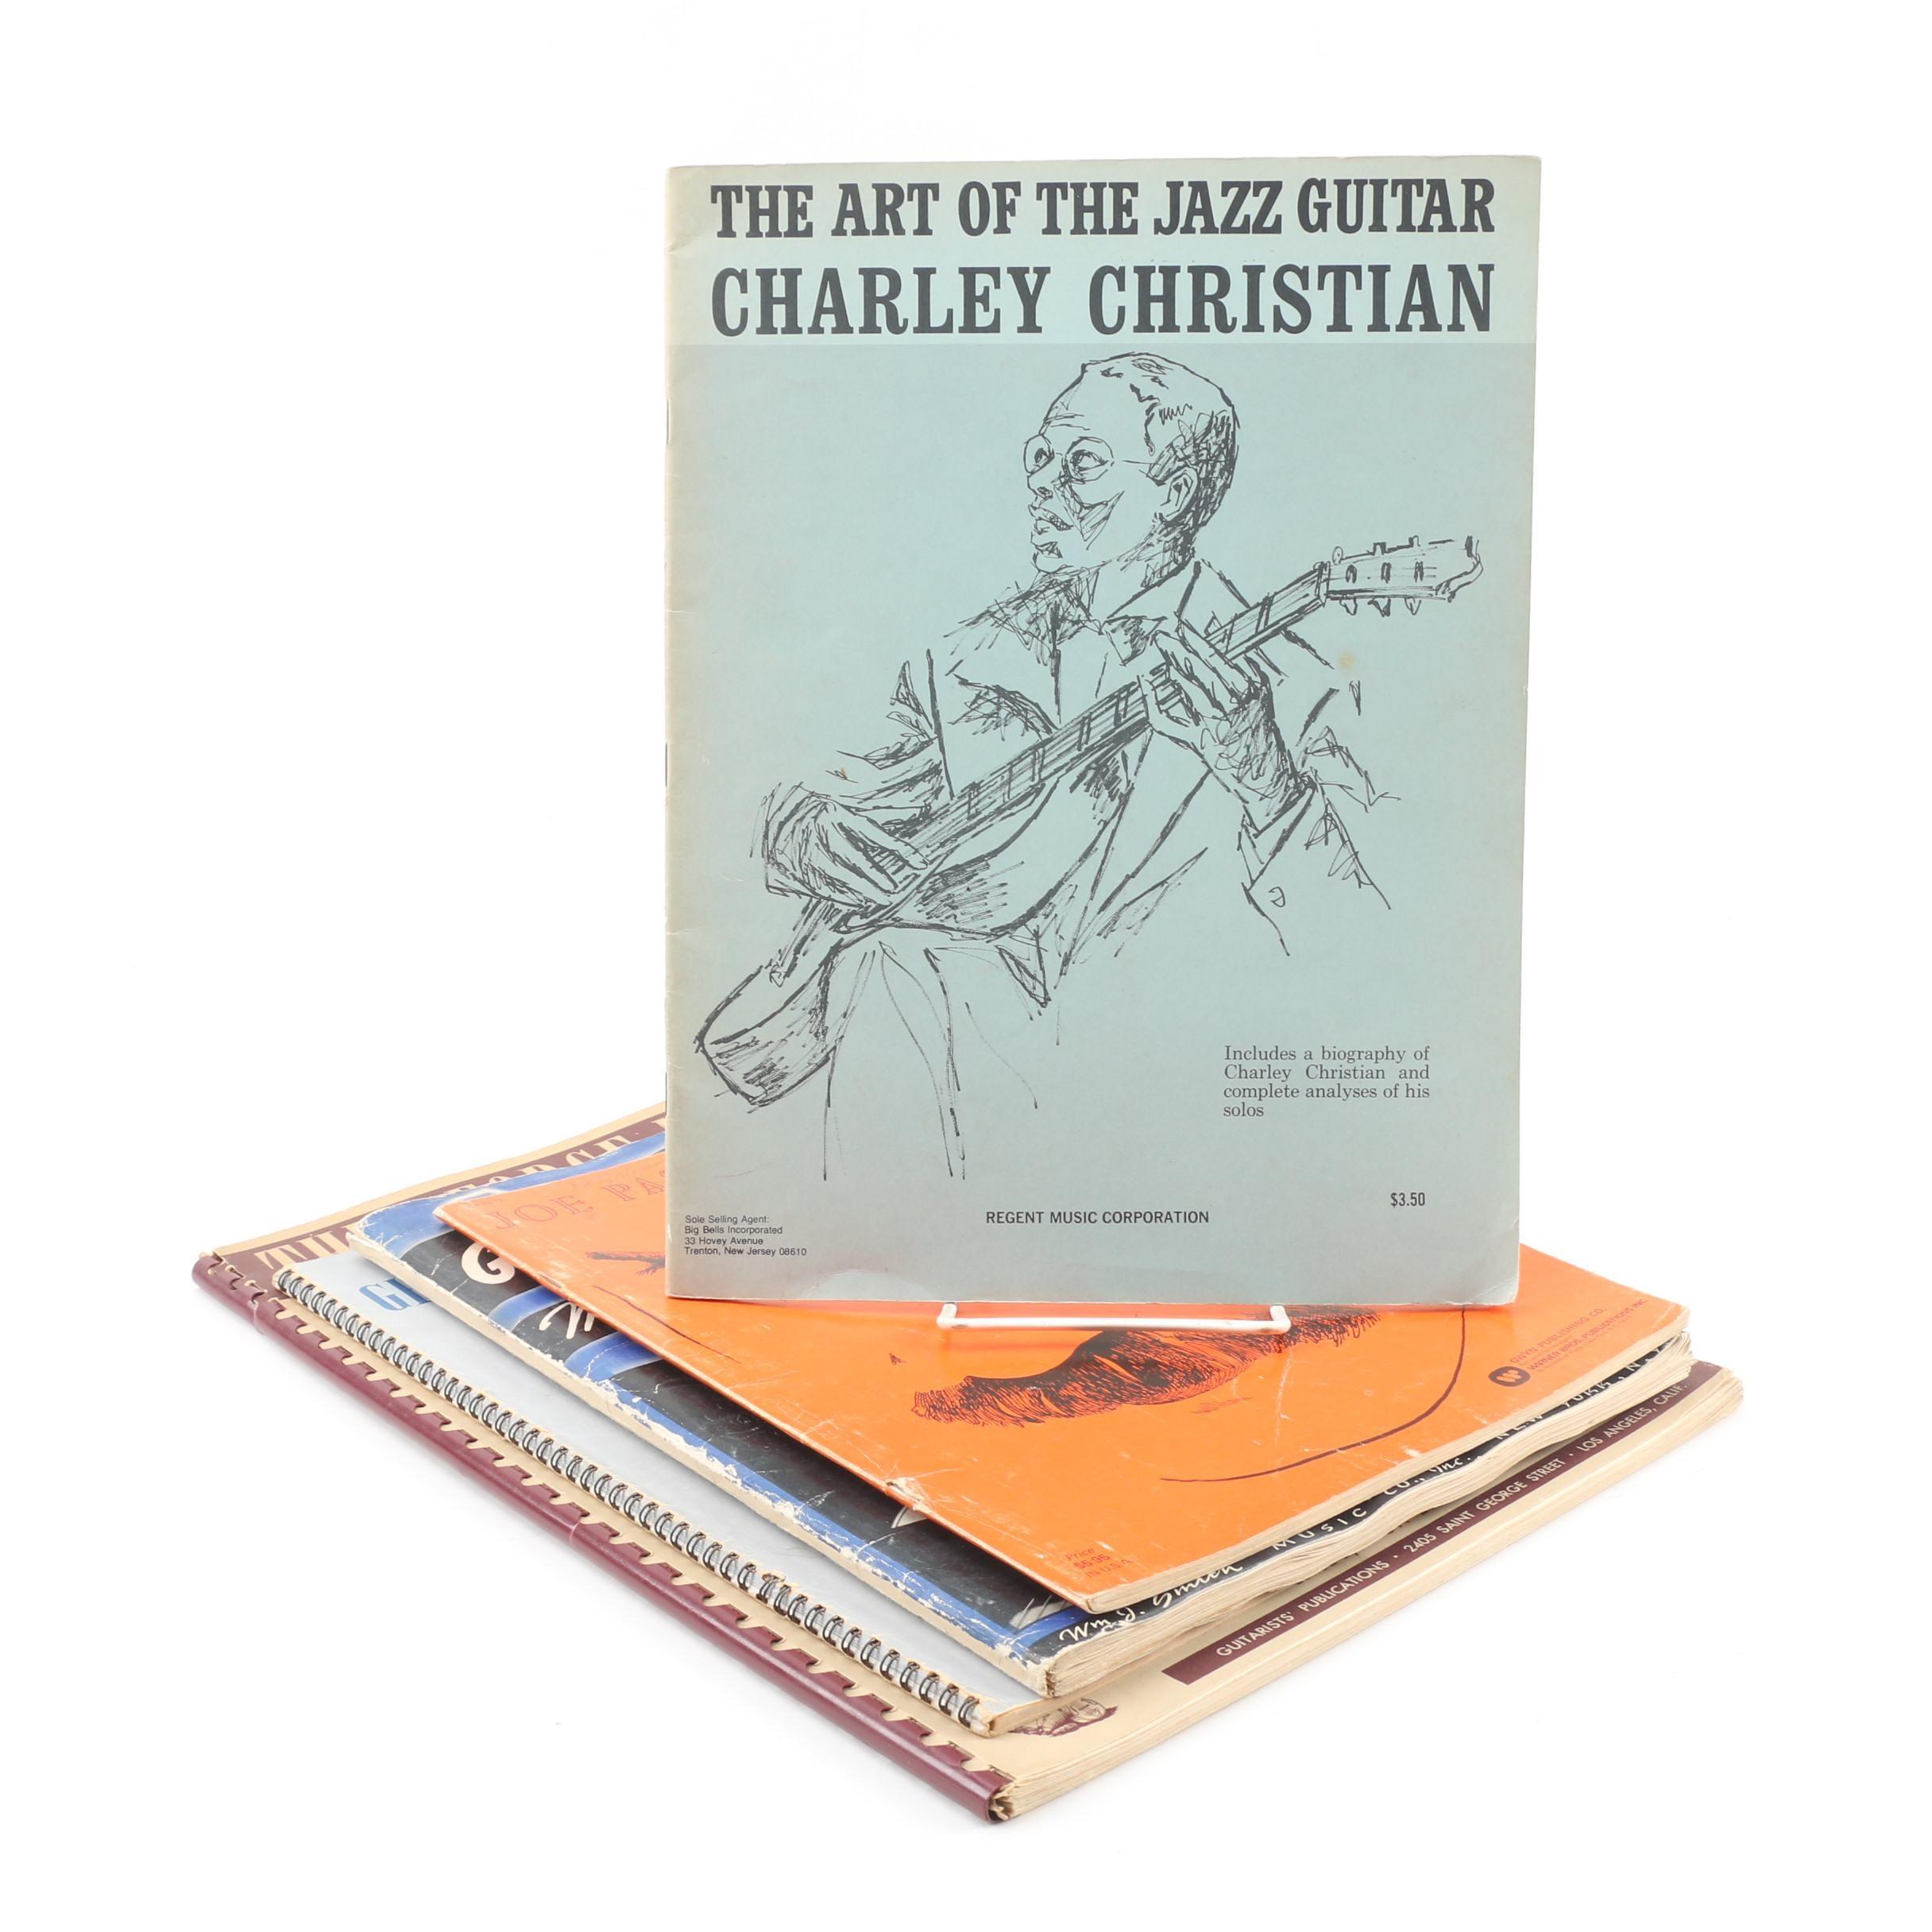 Guitar Methods Music Books, 1939 - 1970